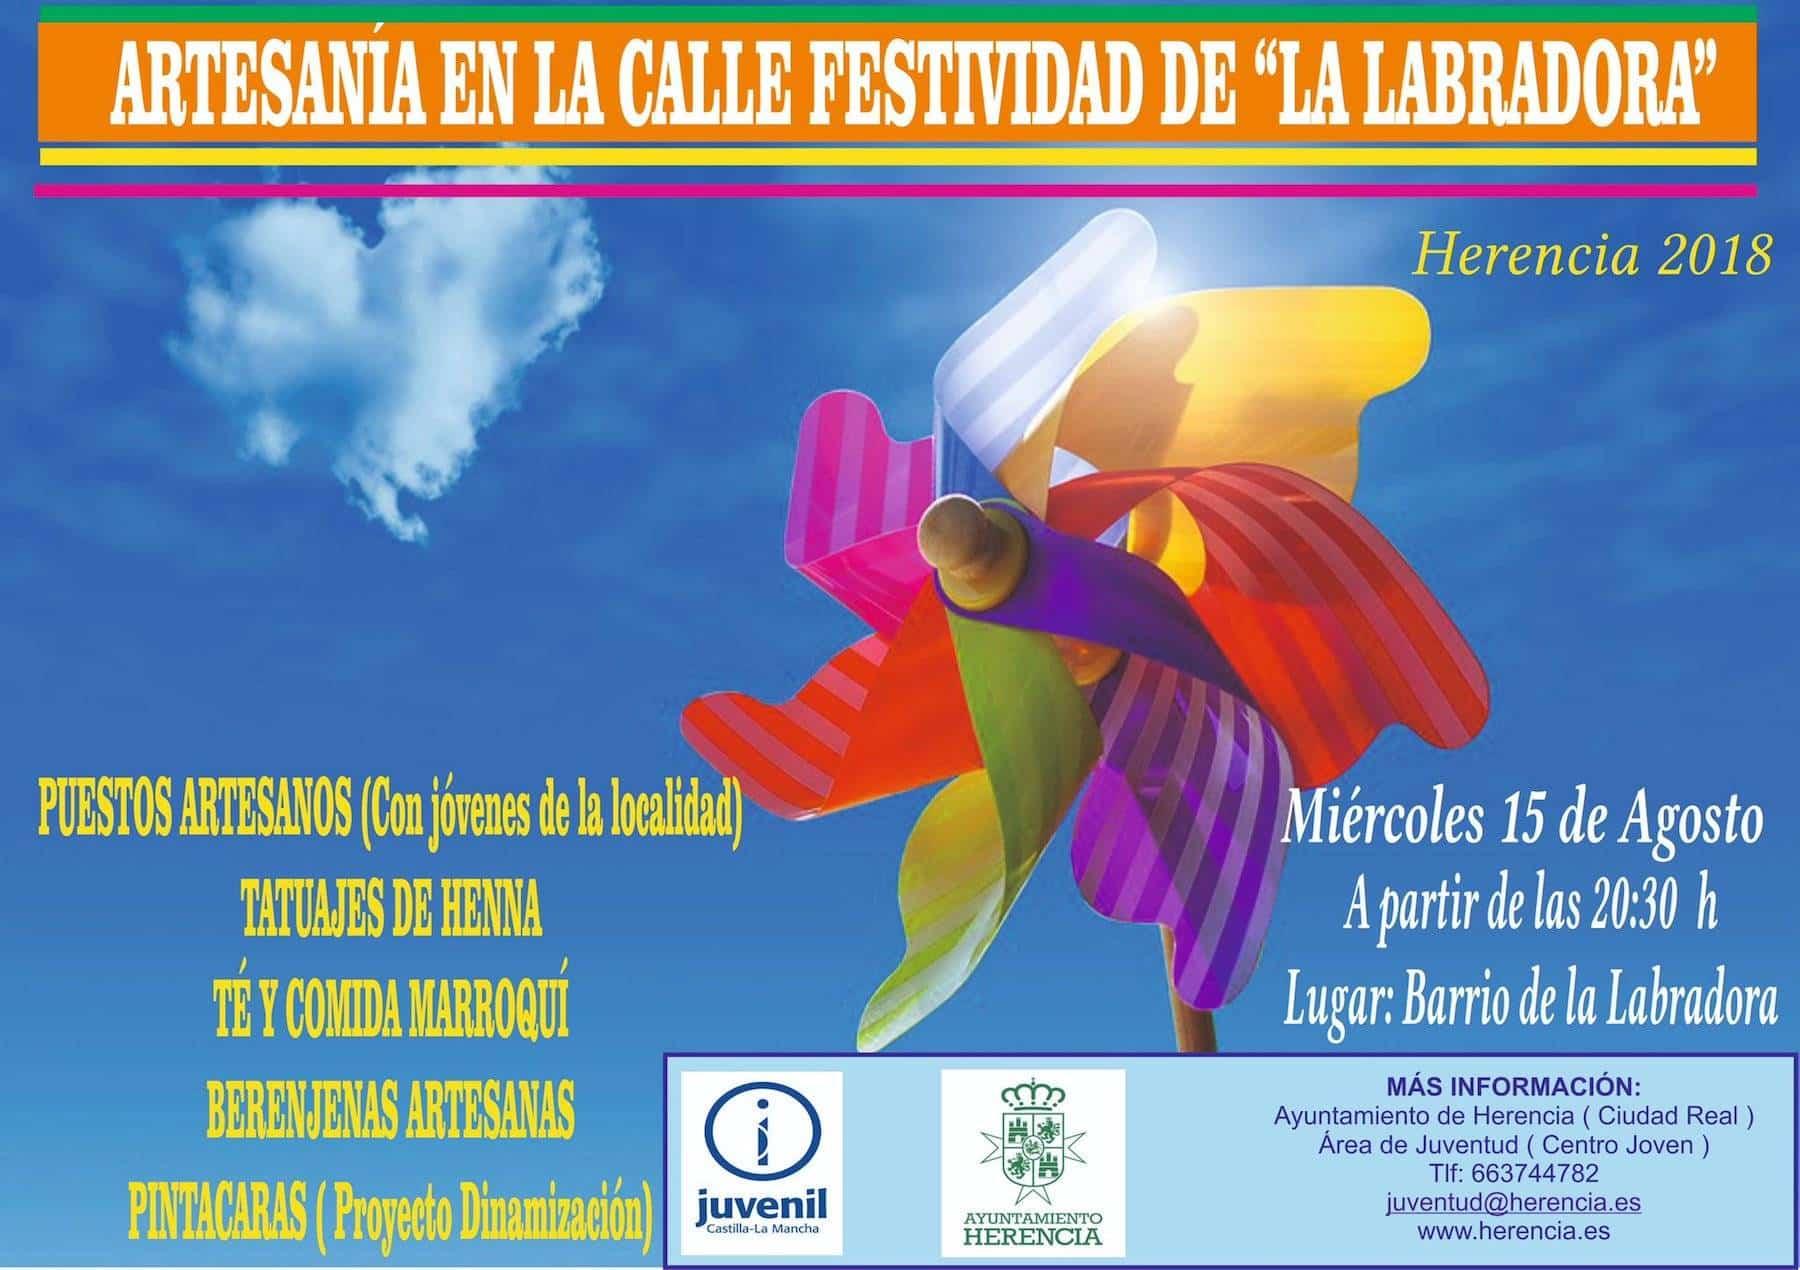 """artesania en la calle festividad labradora herencia - Artesanía en la calle en la festividad de """"La Labradora"""" en Herencia"""